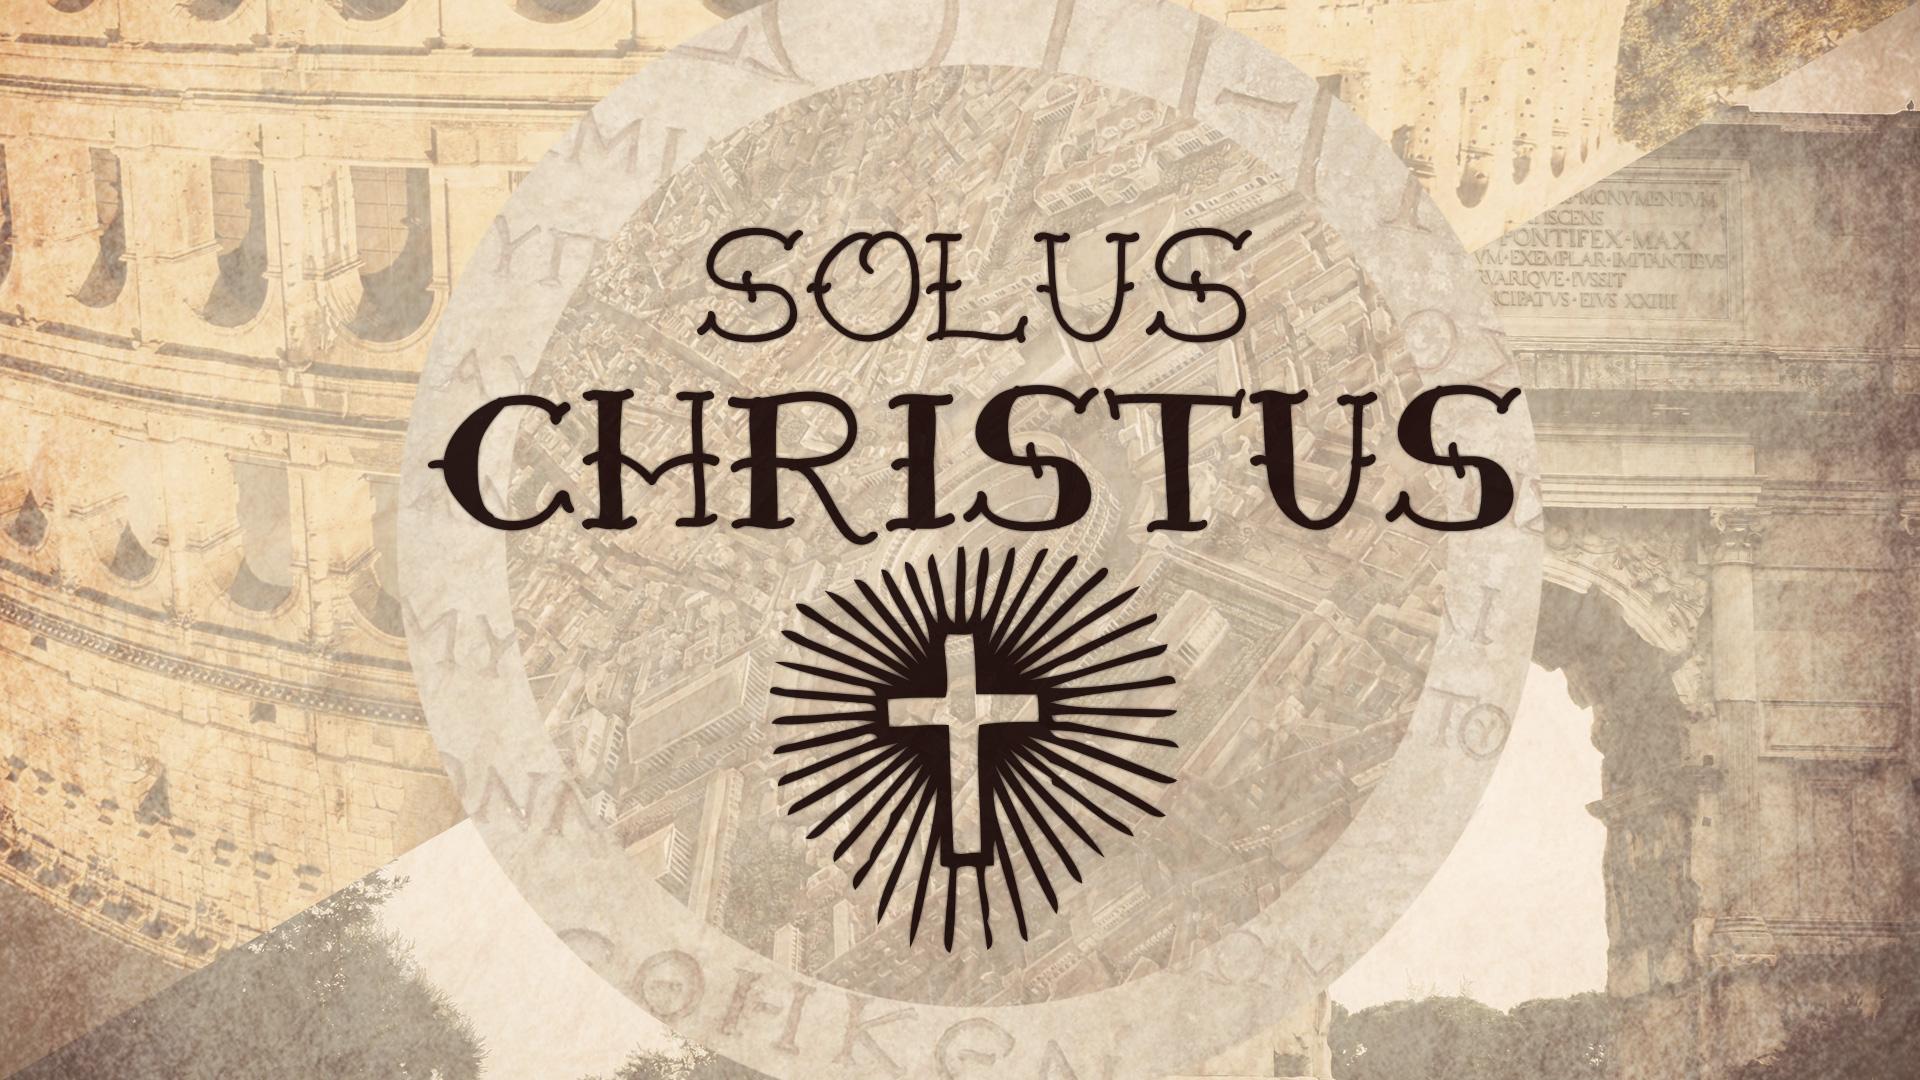 5solas_christus.jpg